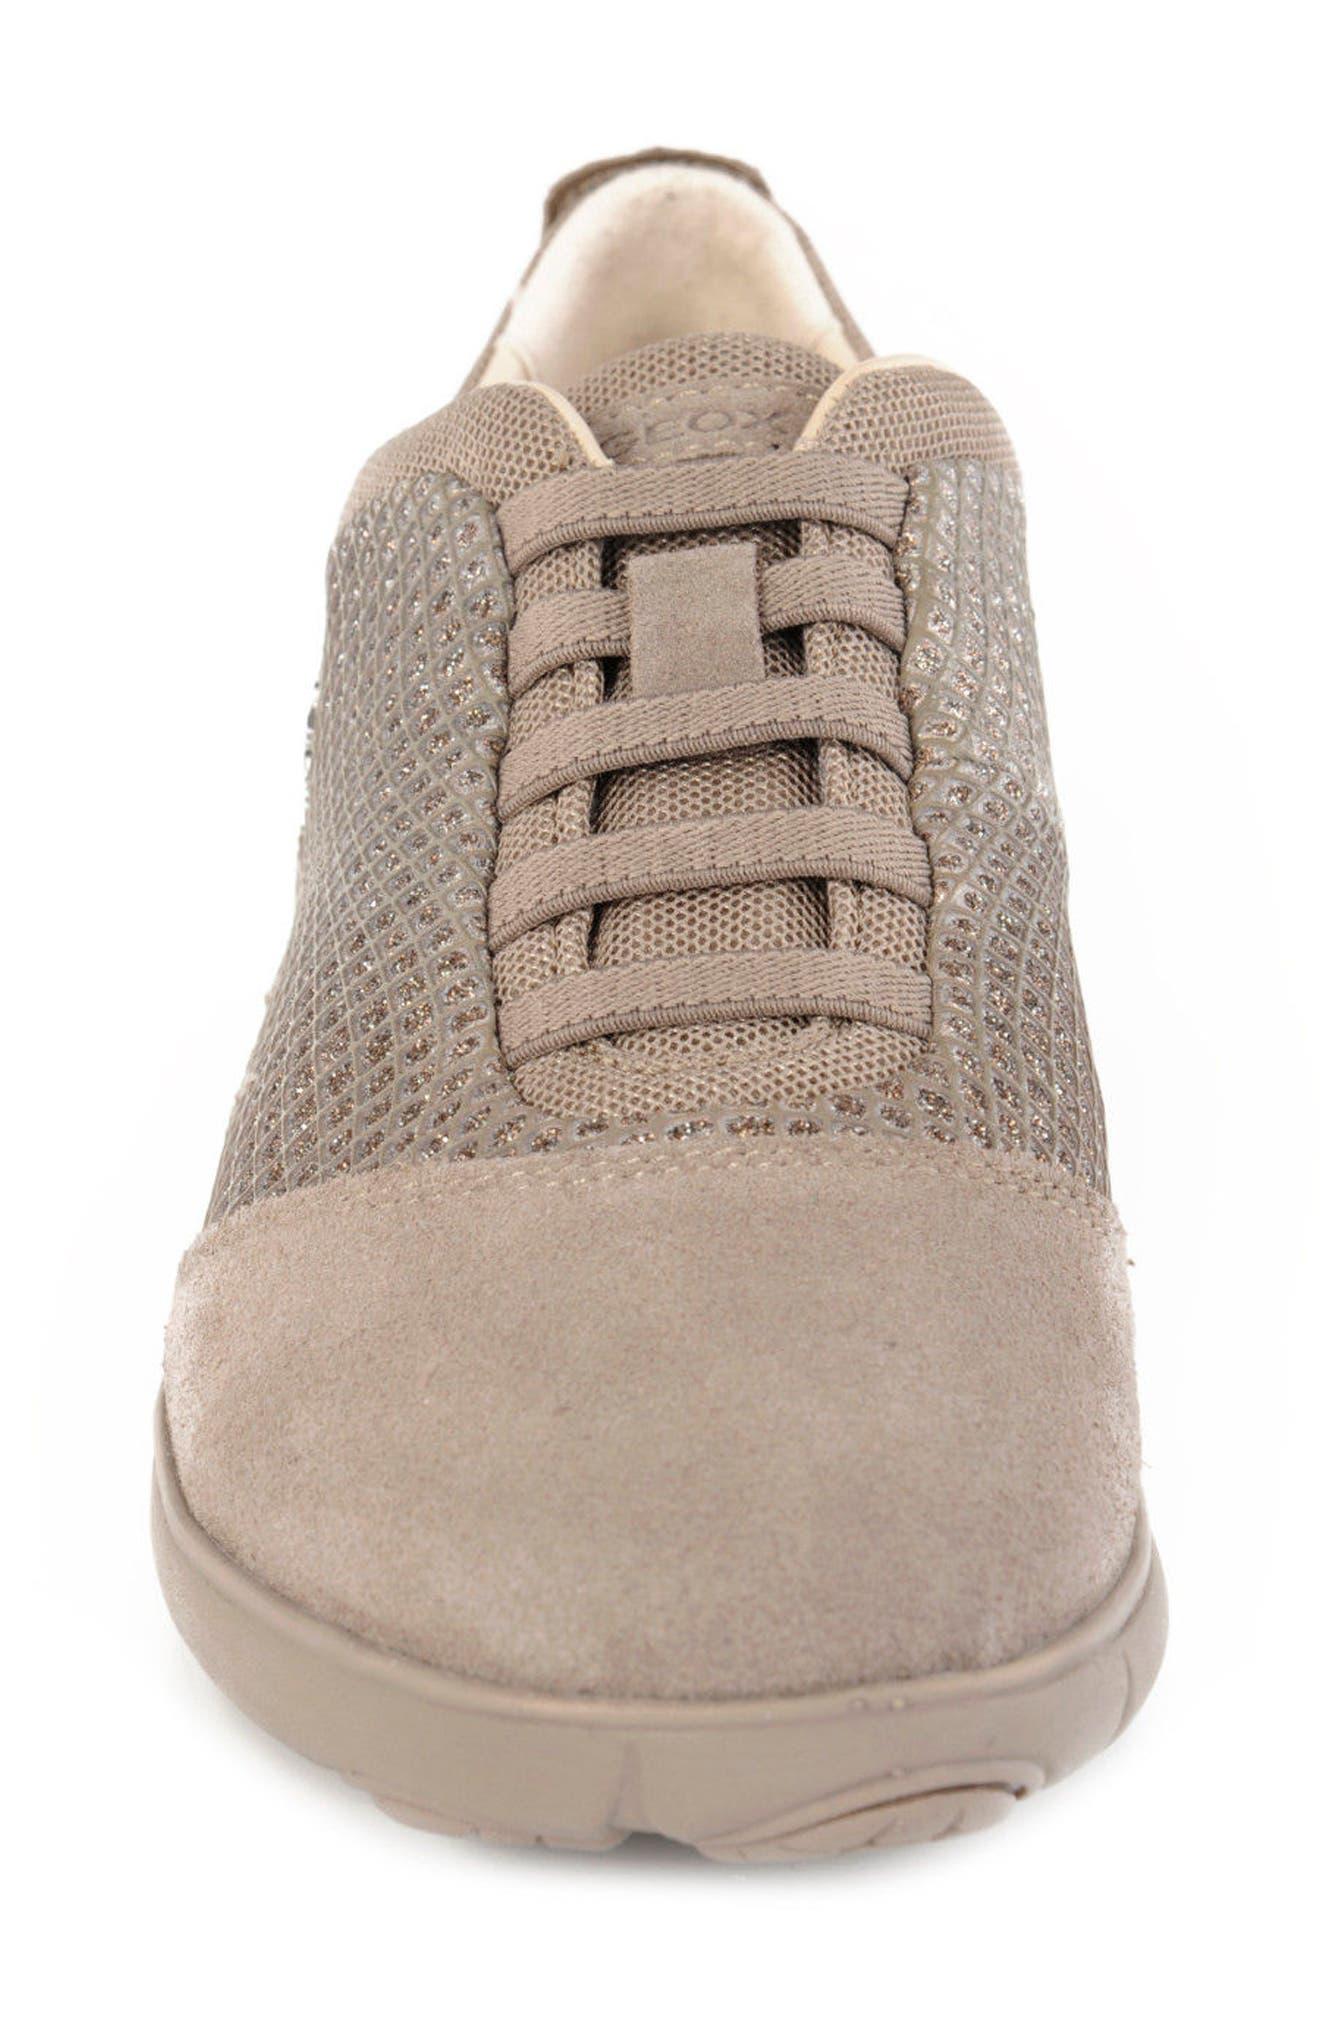 Nebula Slip-On Sneaker,                             Alternate thumbnail 5, color,                             Taupe